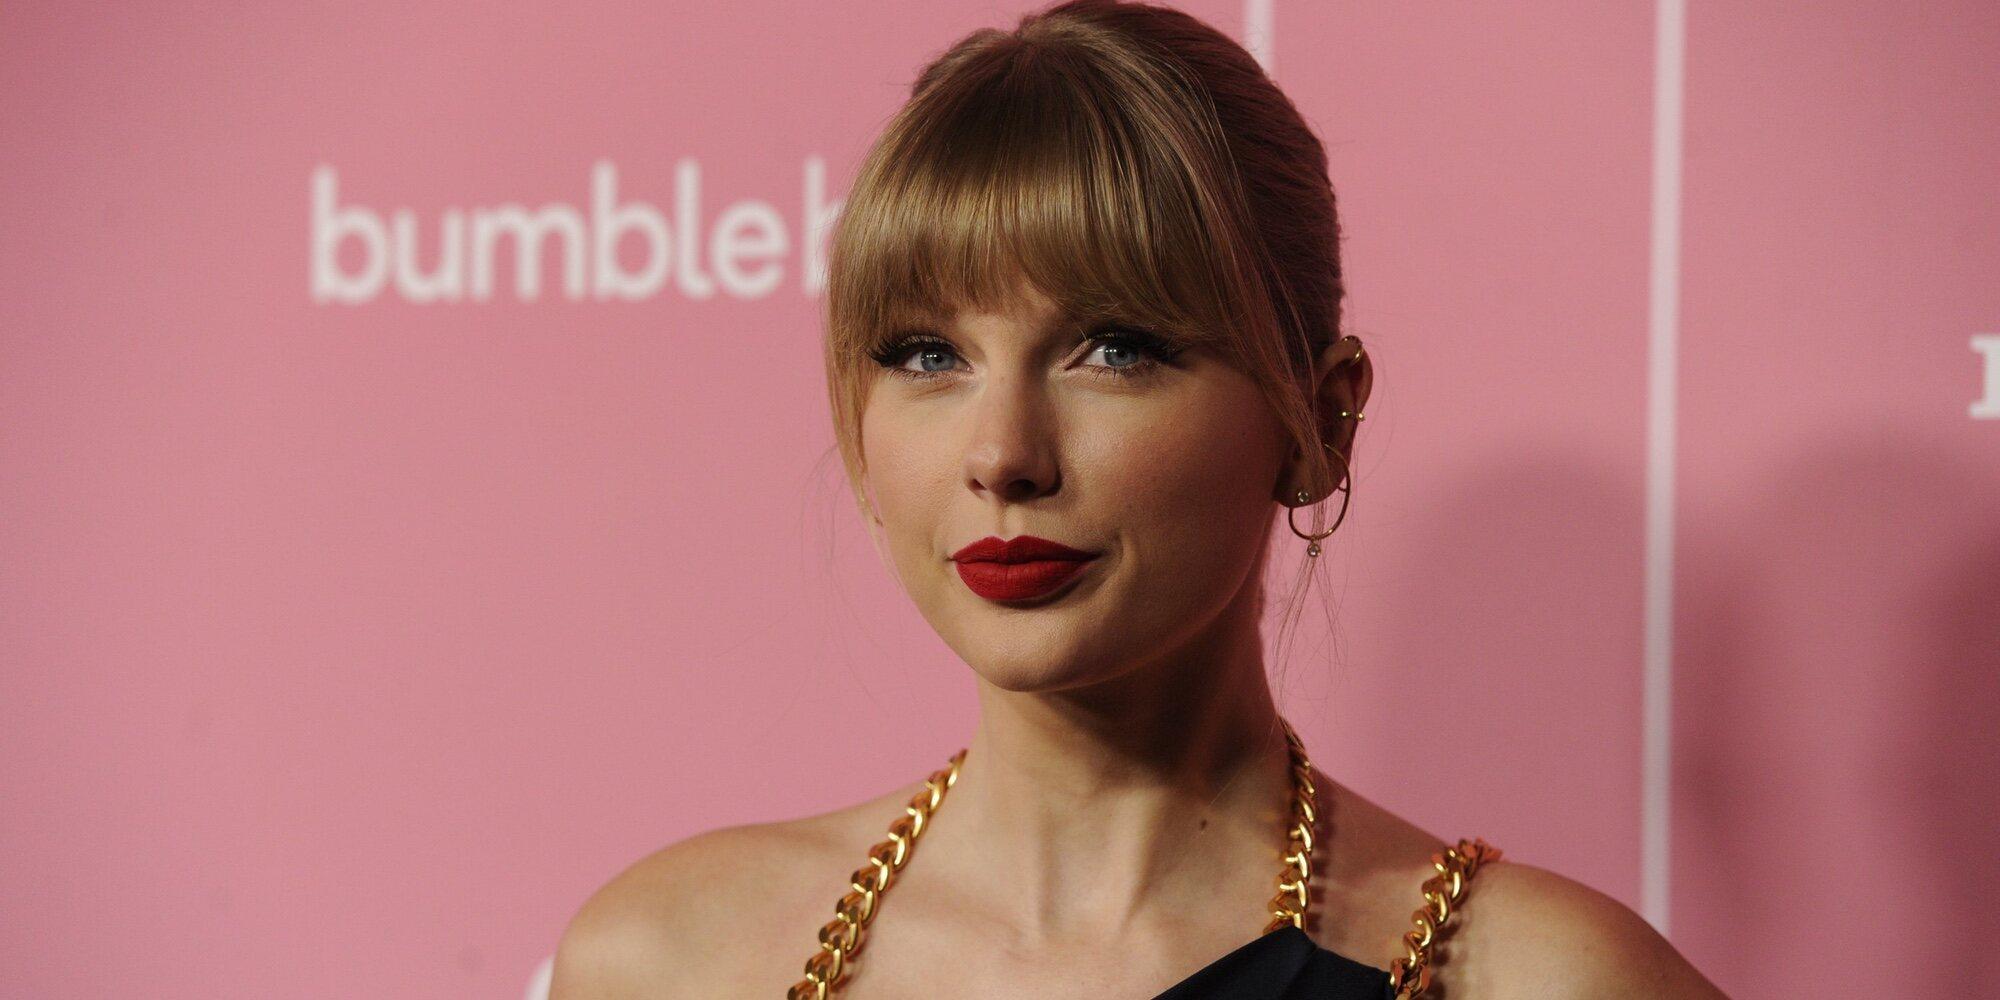 Taylor Swift vuelve a ser actriz: trabajará con Christian Bale y Margot Robbie en una nueva película